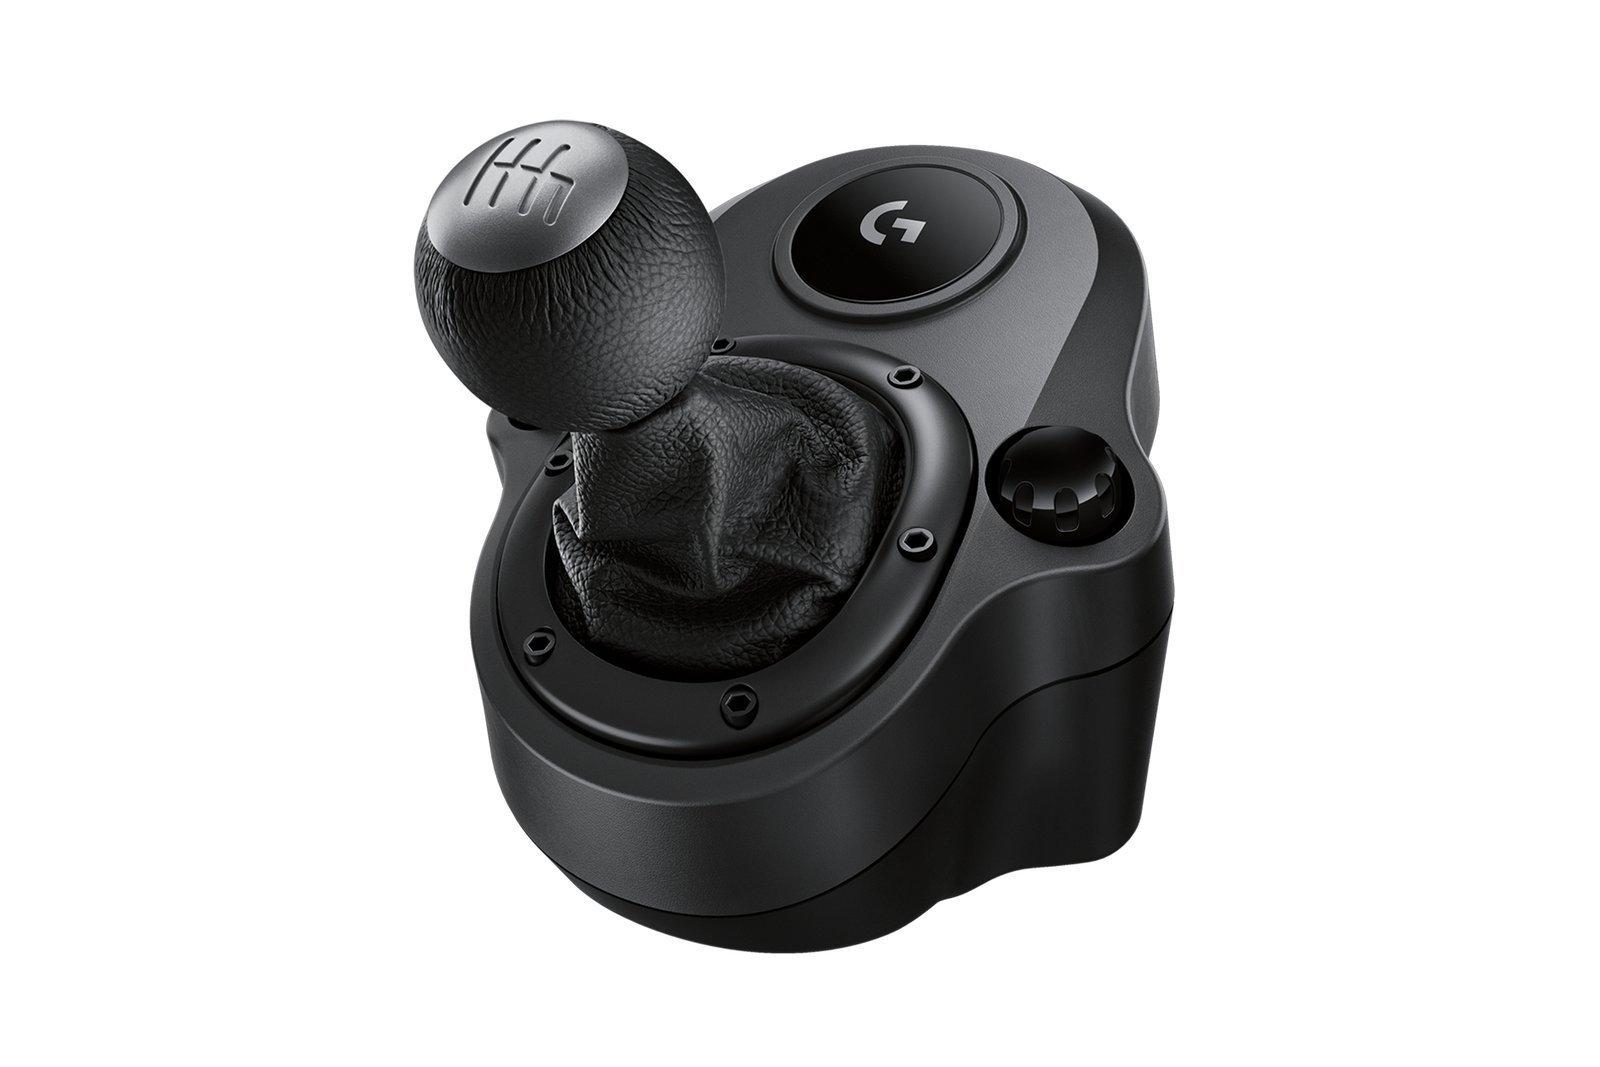 Gearbox module Logitech Driving Shifter G29 G920